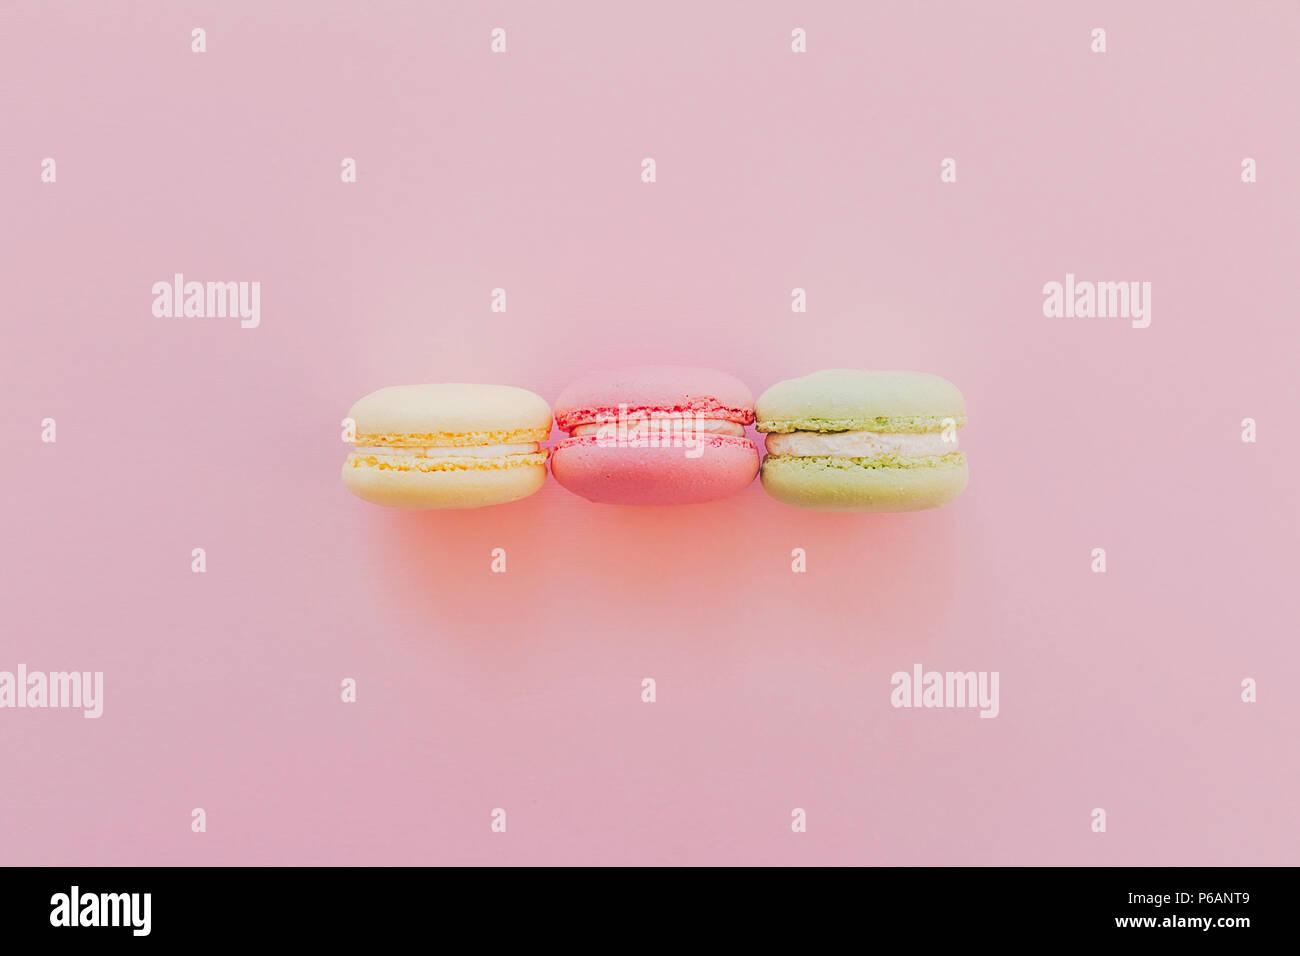 Macarons colorés de style branché sur du papier rose, télévision lay. espace pour texte. Une cuisine moderne concept photographie. délicieux rose, jaune, vert macarons, yummy Photo Stock